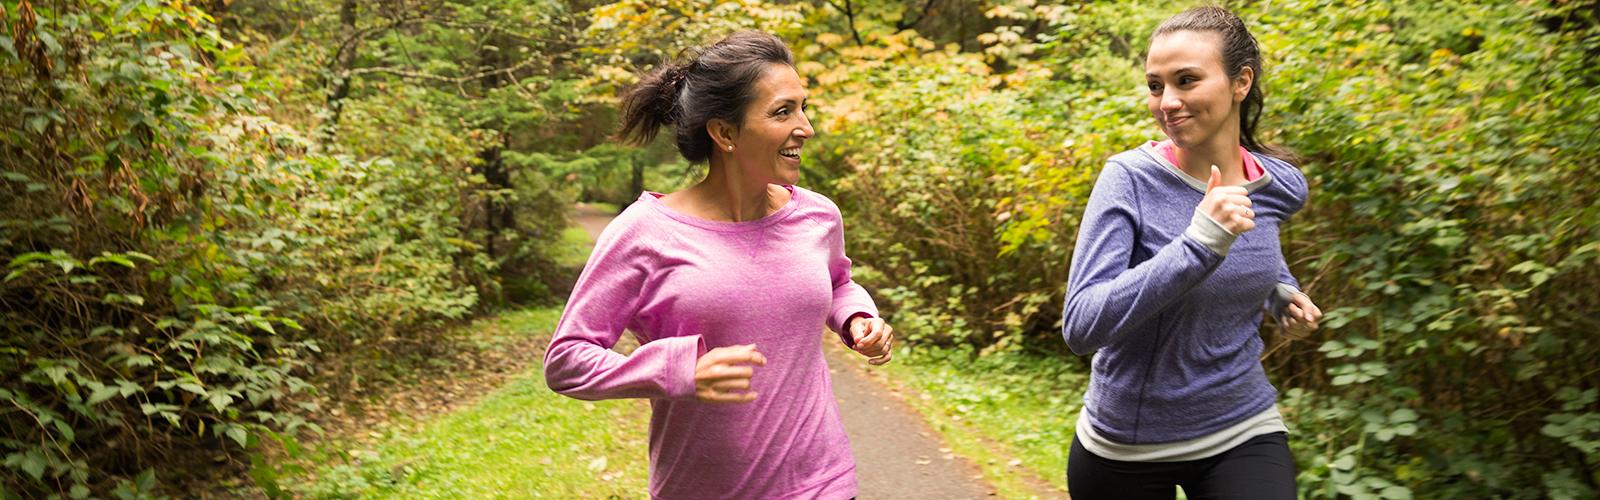 Δύο γυναίκες τρέχουν στο δάσος